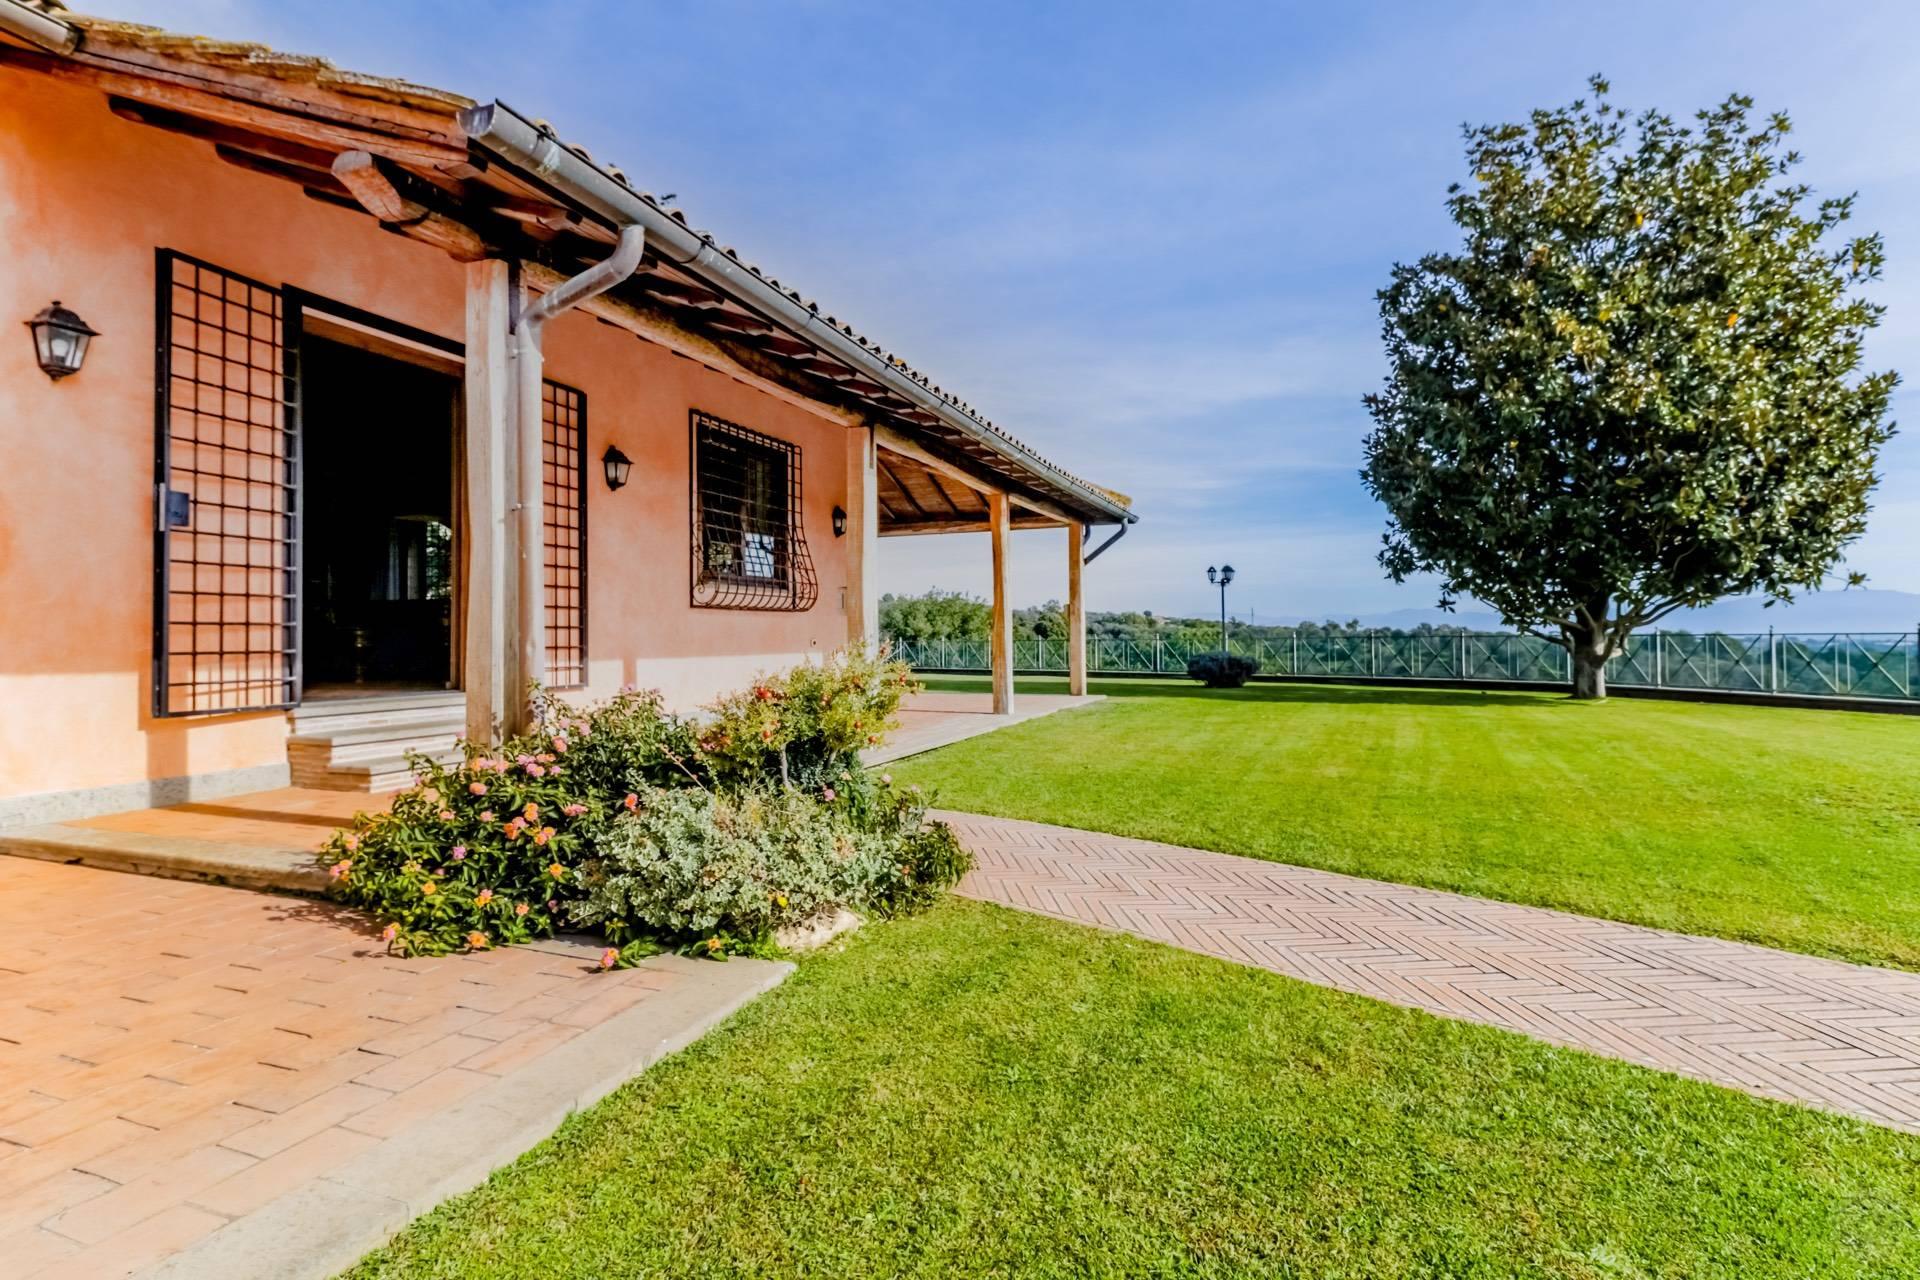 Villa in Vendita a Sacrofano: 5 locali, 180 mq - Foto 17